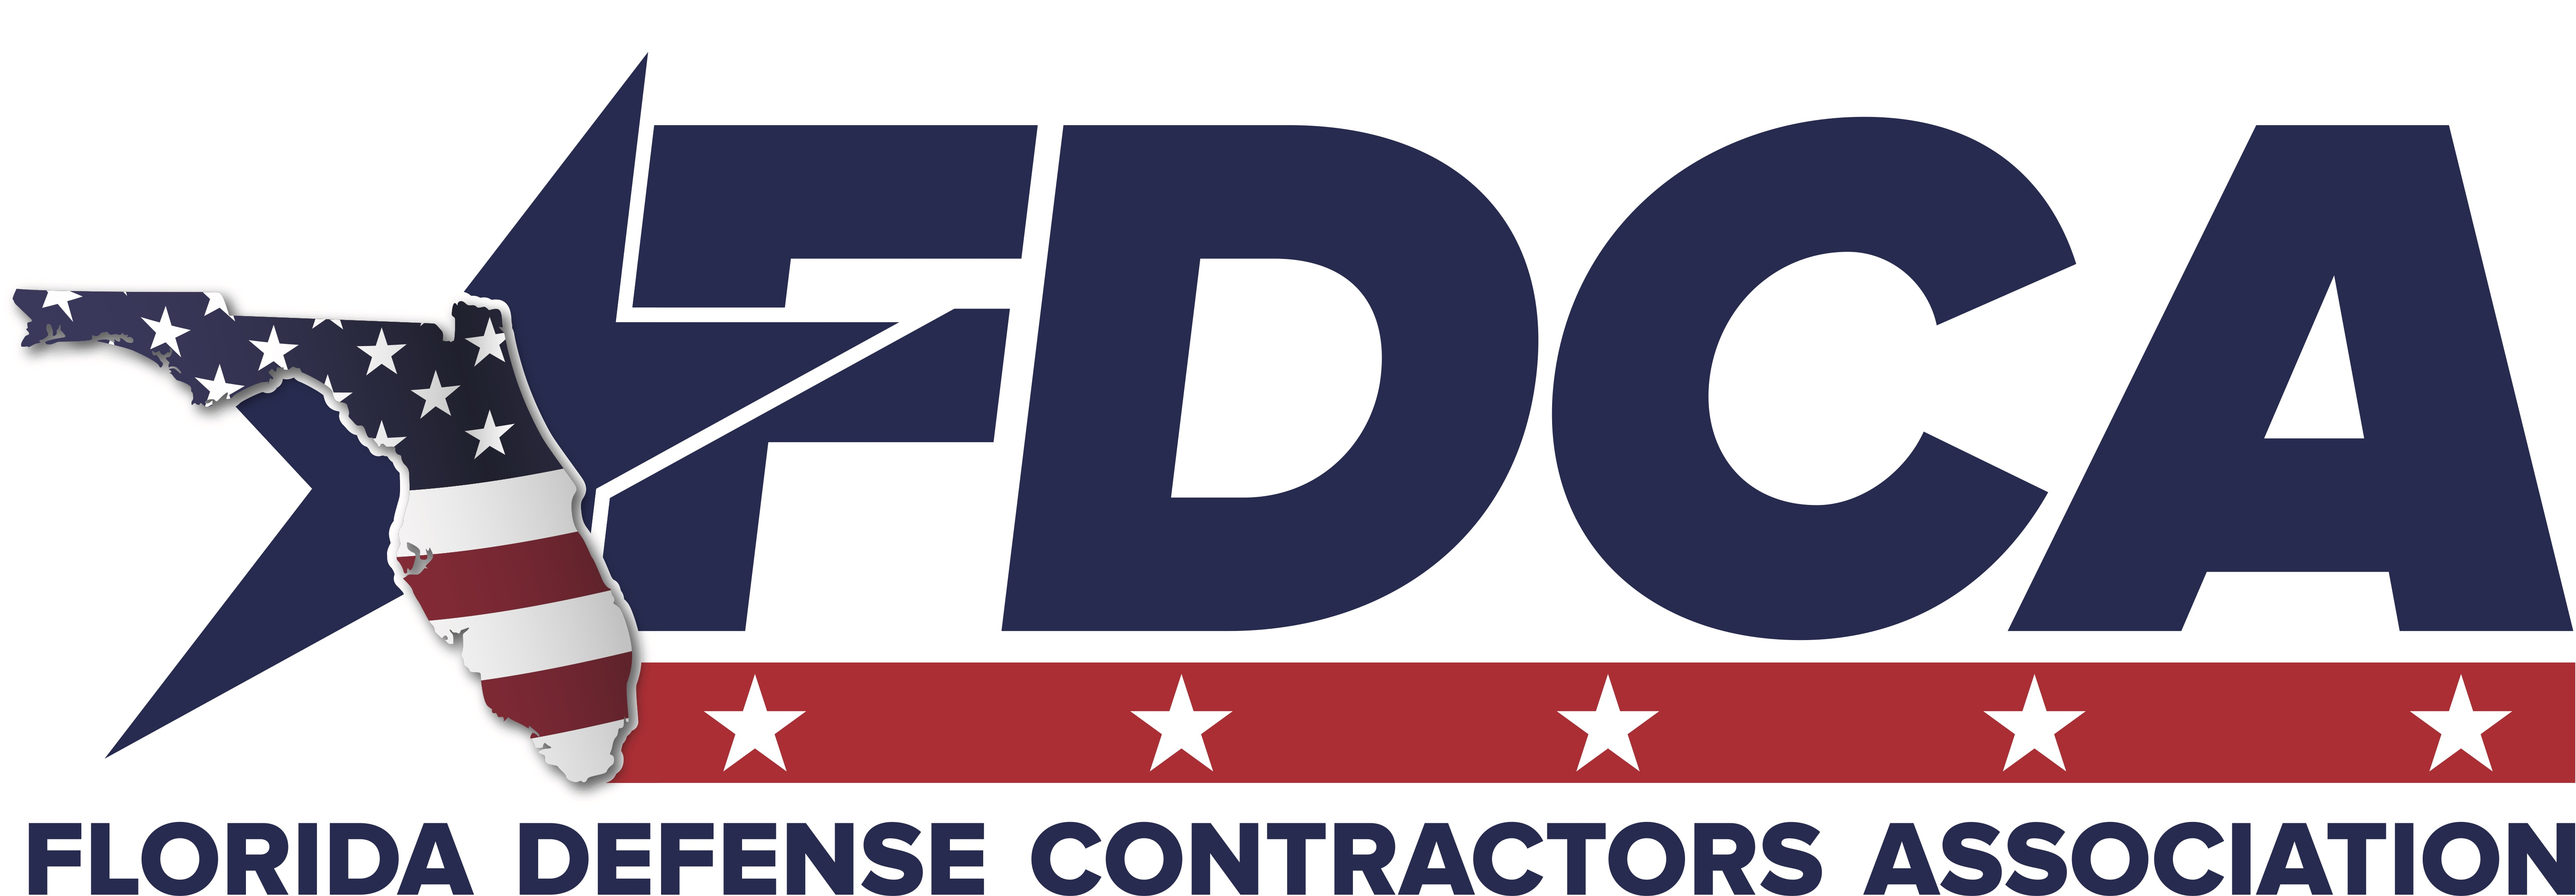 FDCA Vector Logo